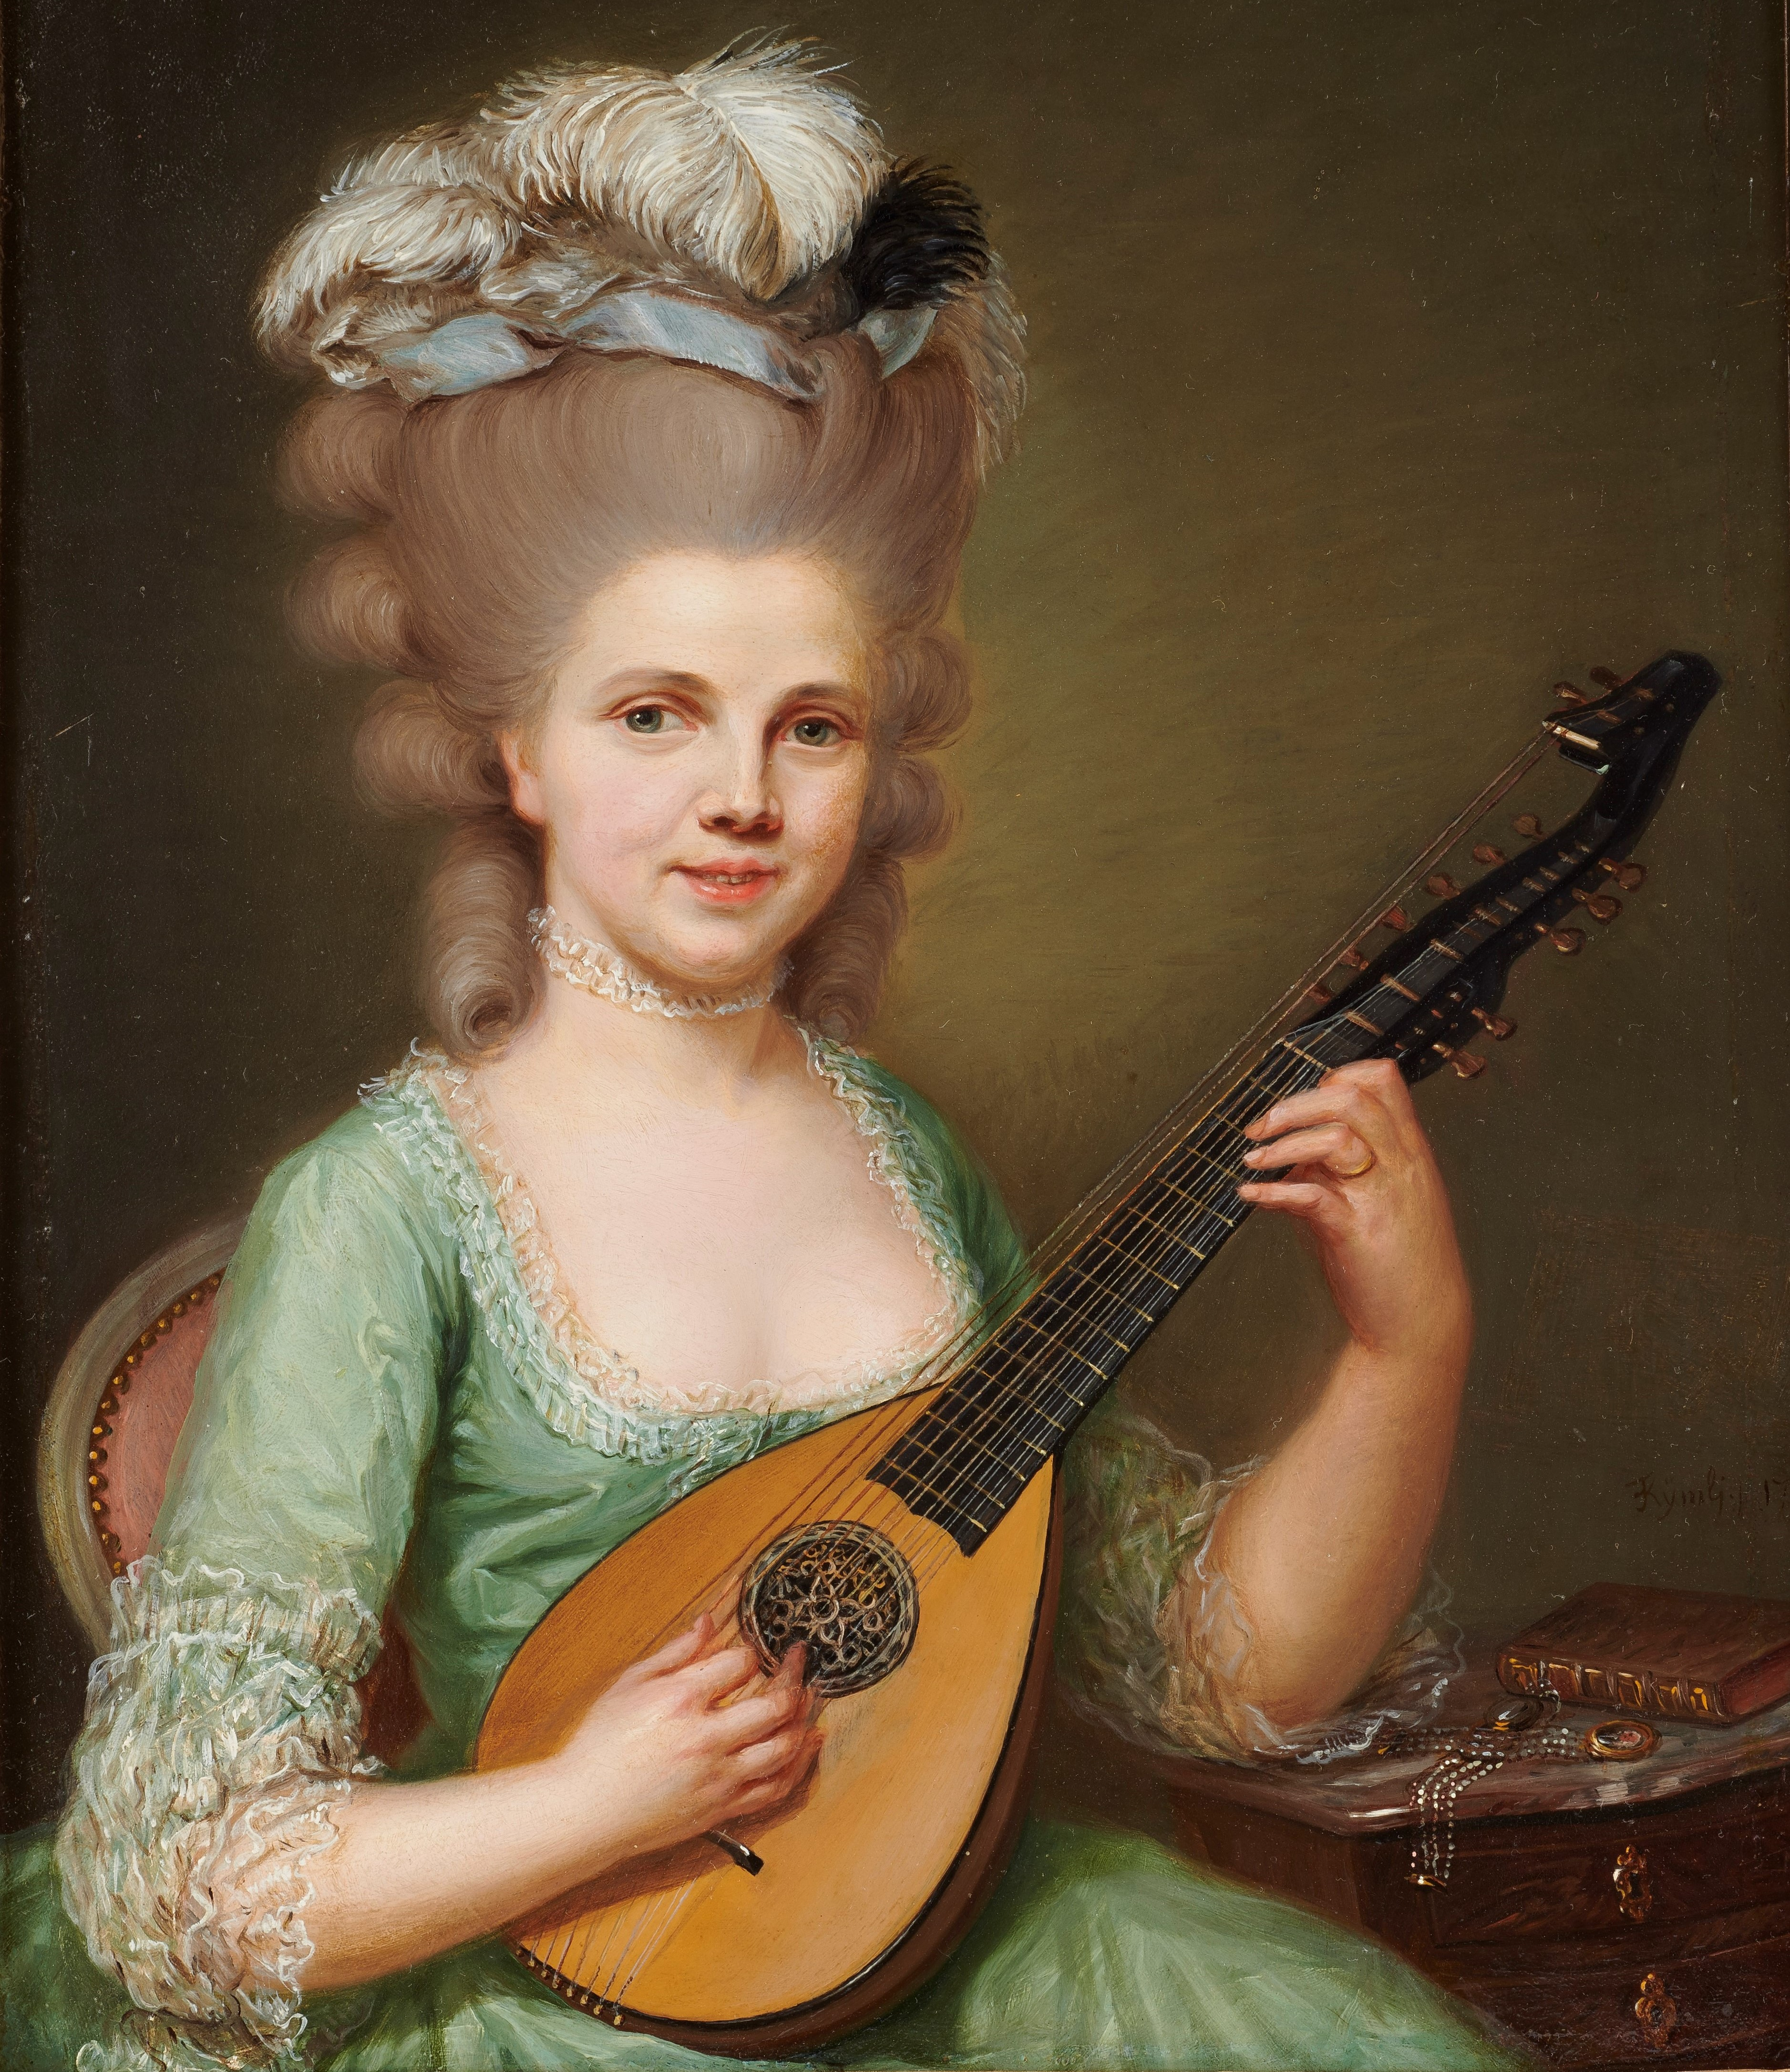 073_Jeune femme jouant de la mandoline Franz Peter Joseph Kymli ©CPDAHS_Photo Thierry Ollivier